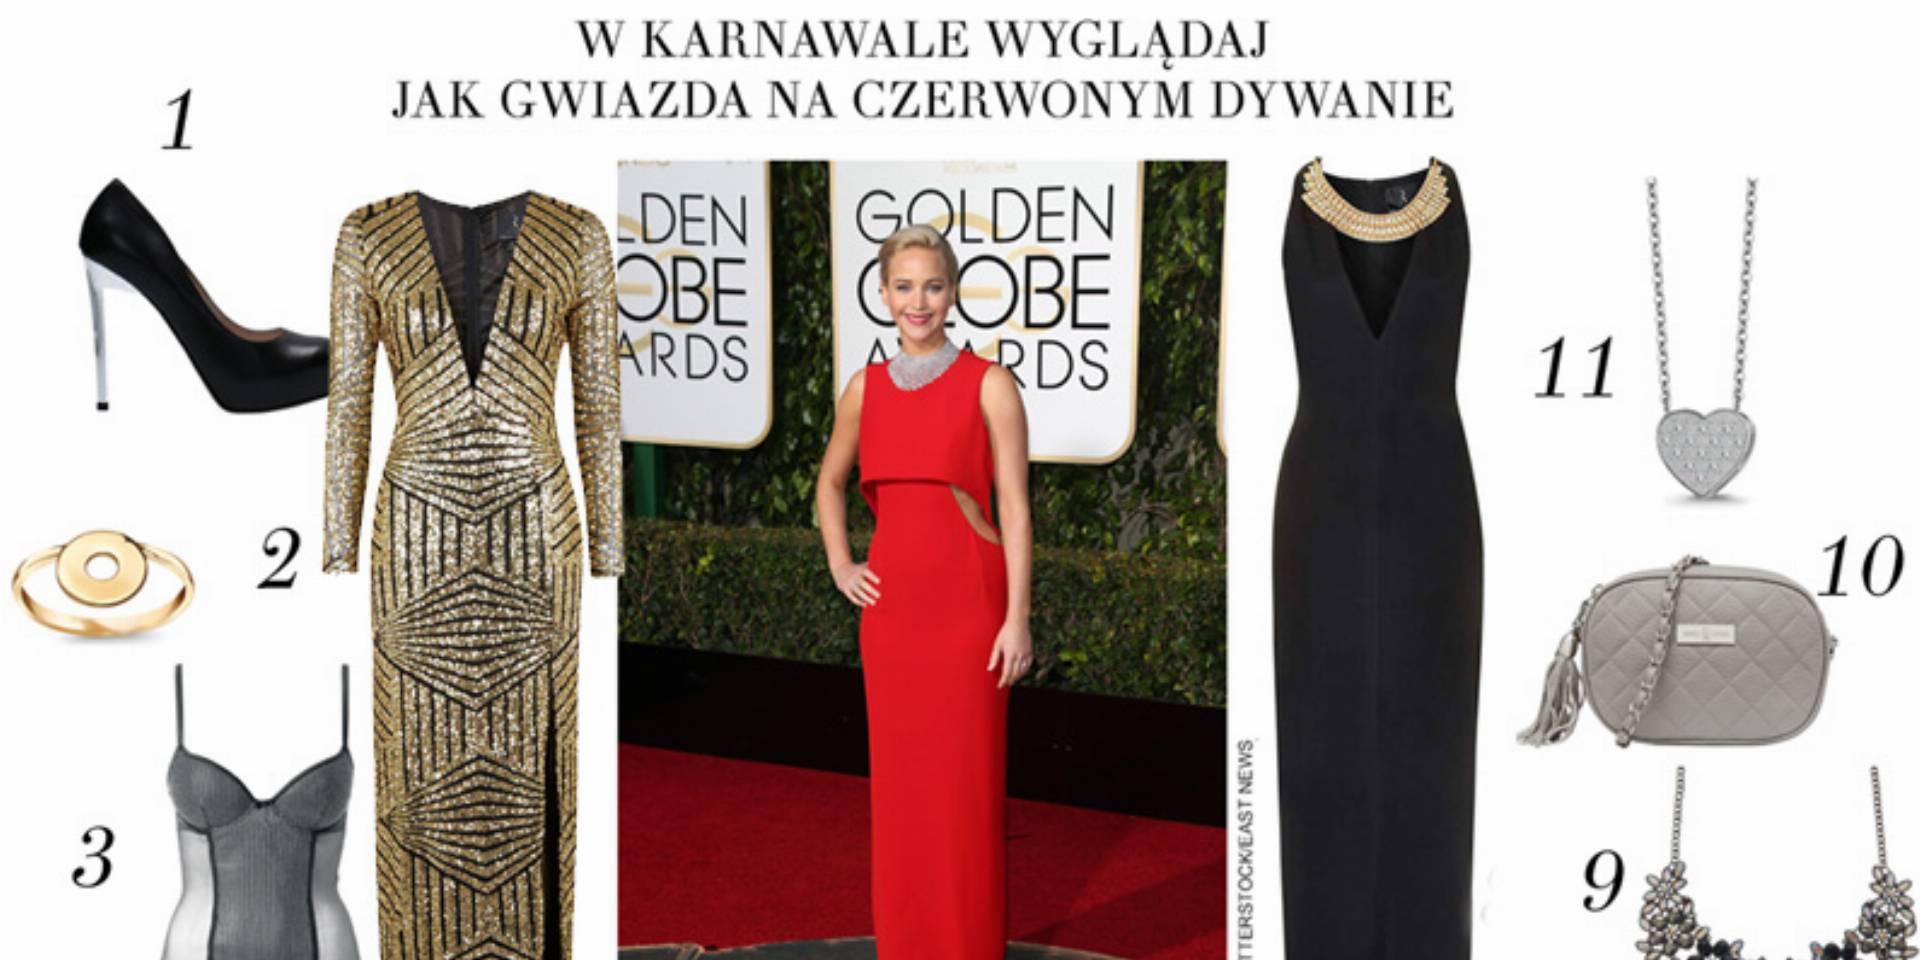 64a5605aa5 Shoppingowy przegląd – czerwone sukienki idealne na Walentynki i nie tylko!  Sukienki na karnawał 2016 – prosto z czerwonego dywanu